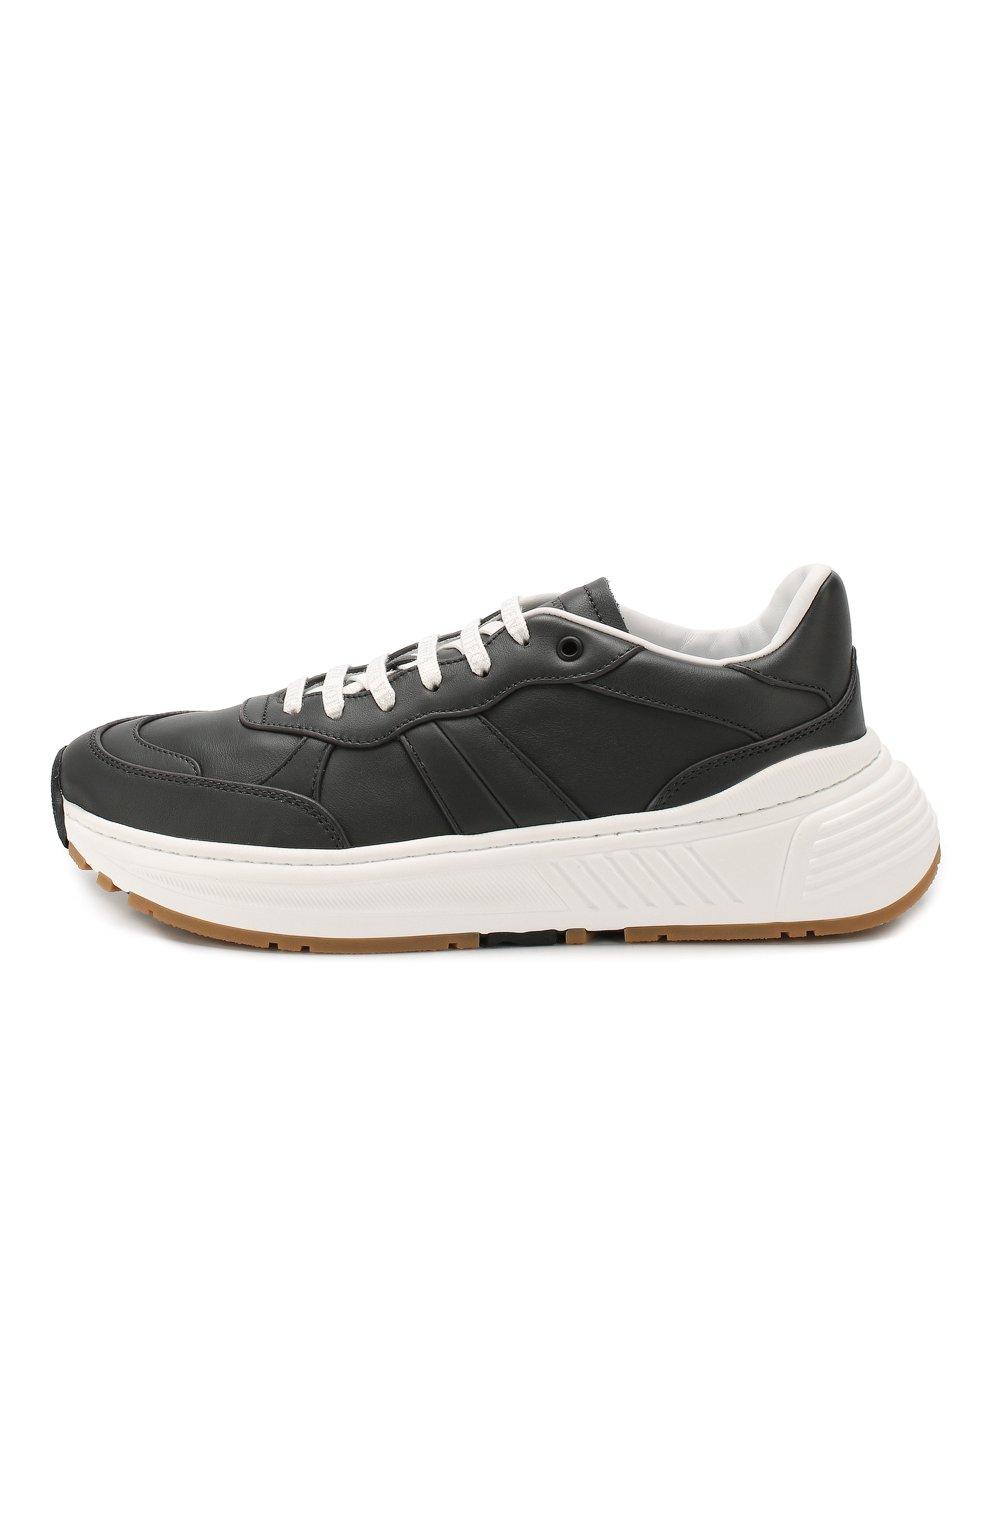 Мужские кожаные кроссовки BOTTEGA VENETA темно-серого цвета, арт. 565646/VT040 | Фото 3